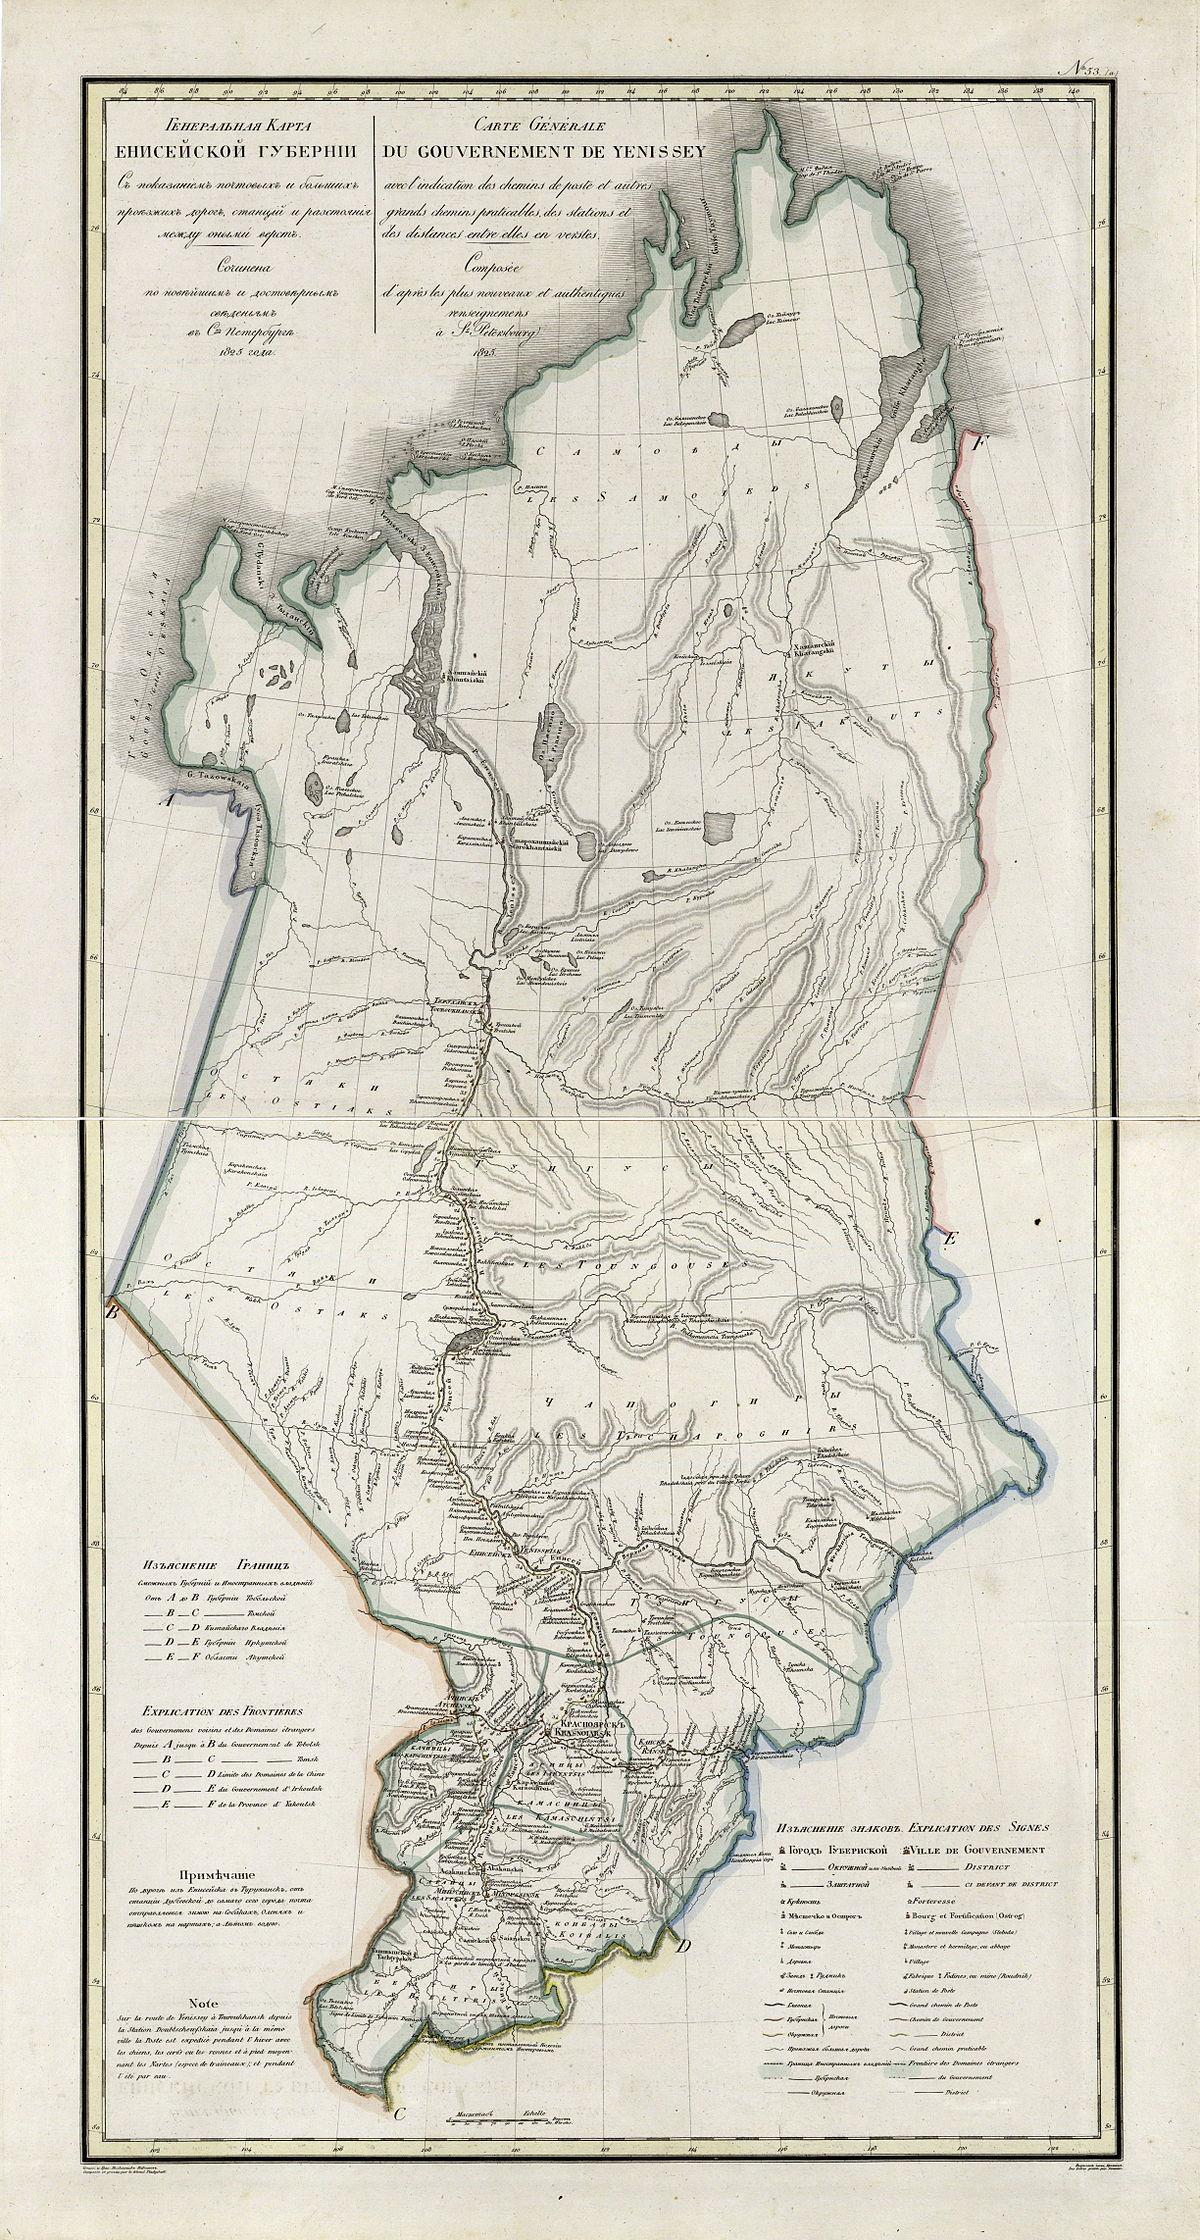 Переселение из орловской губернии в енисейскую